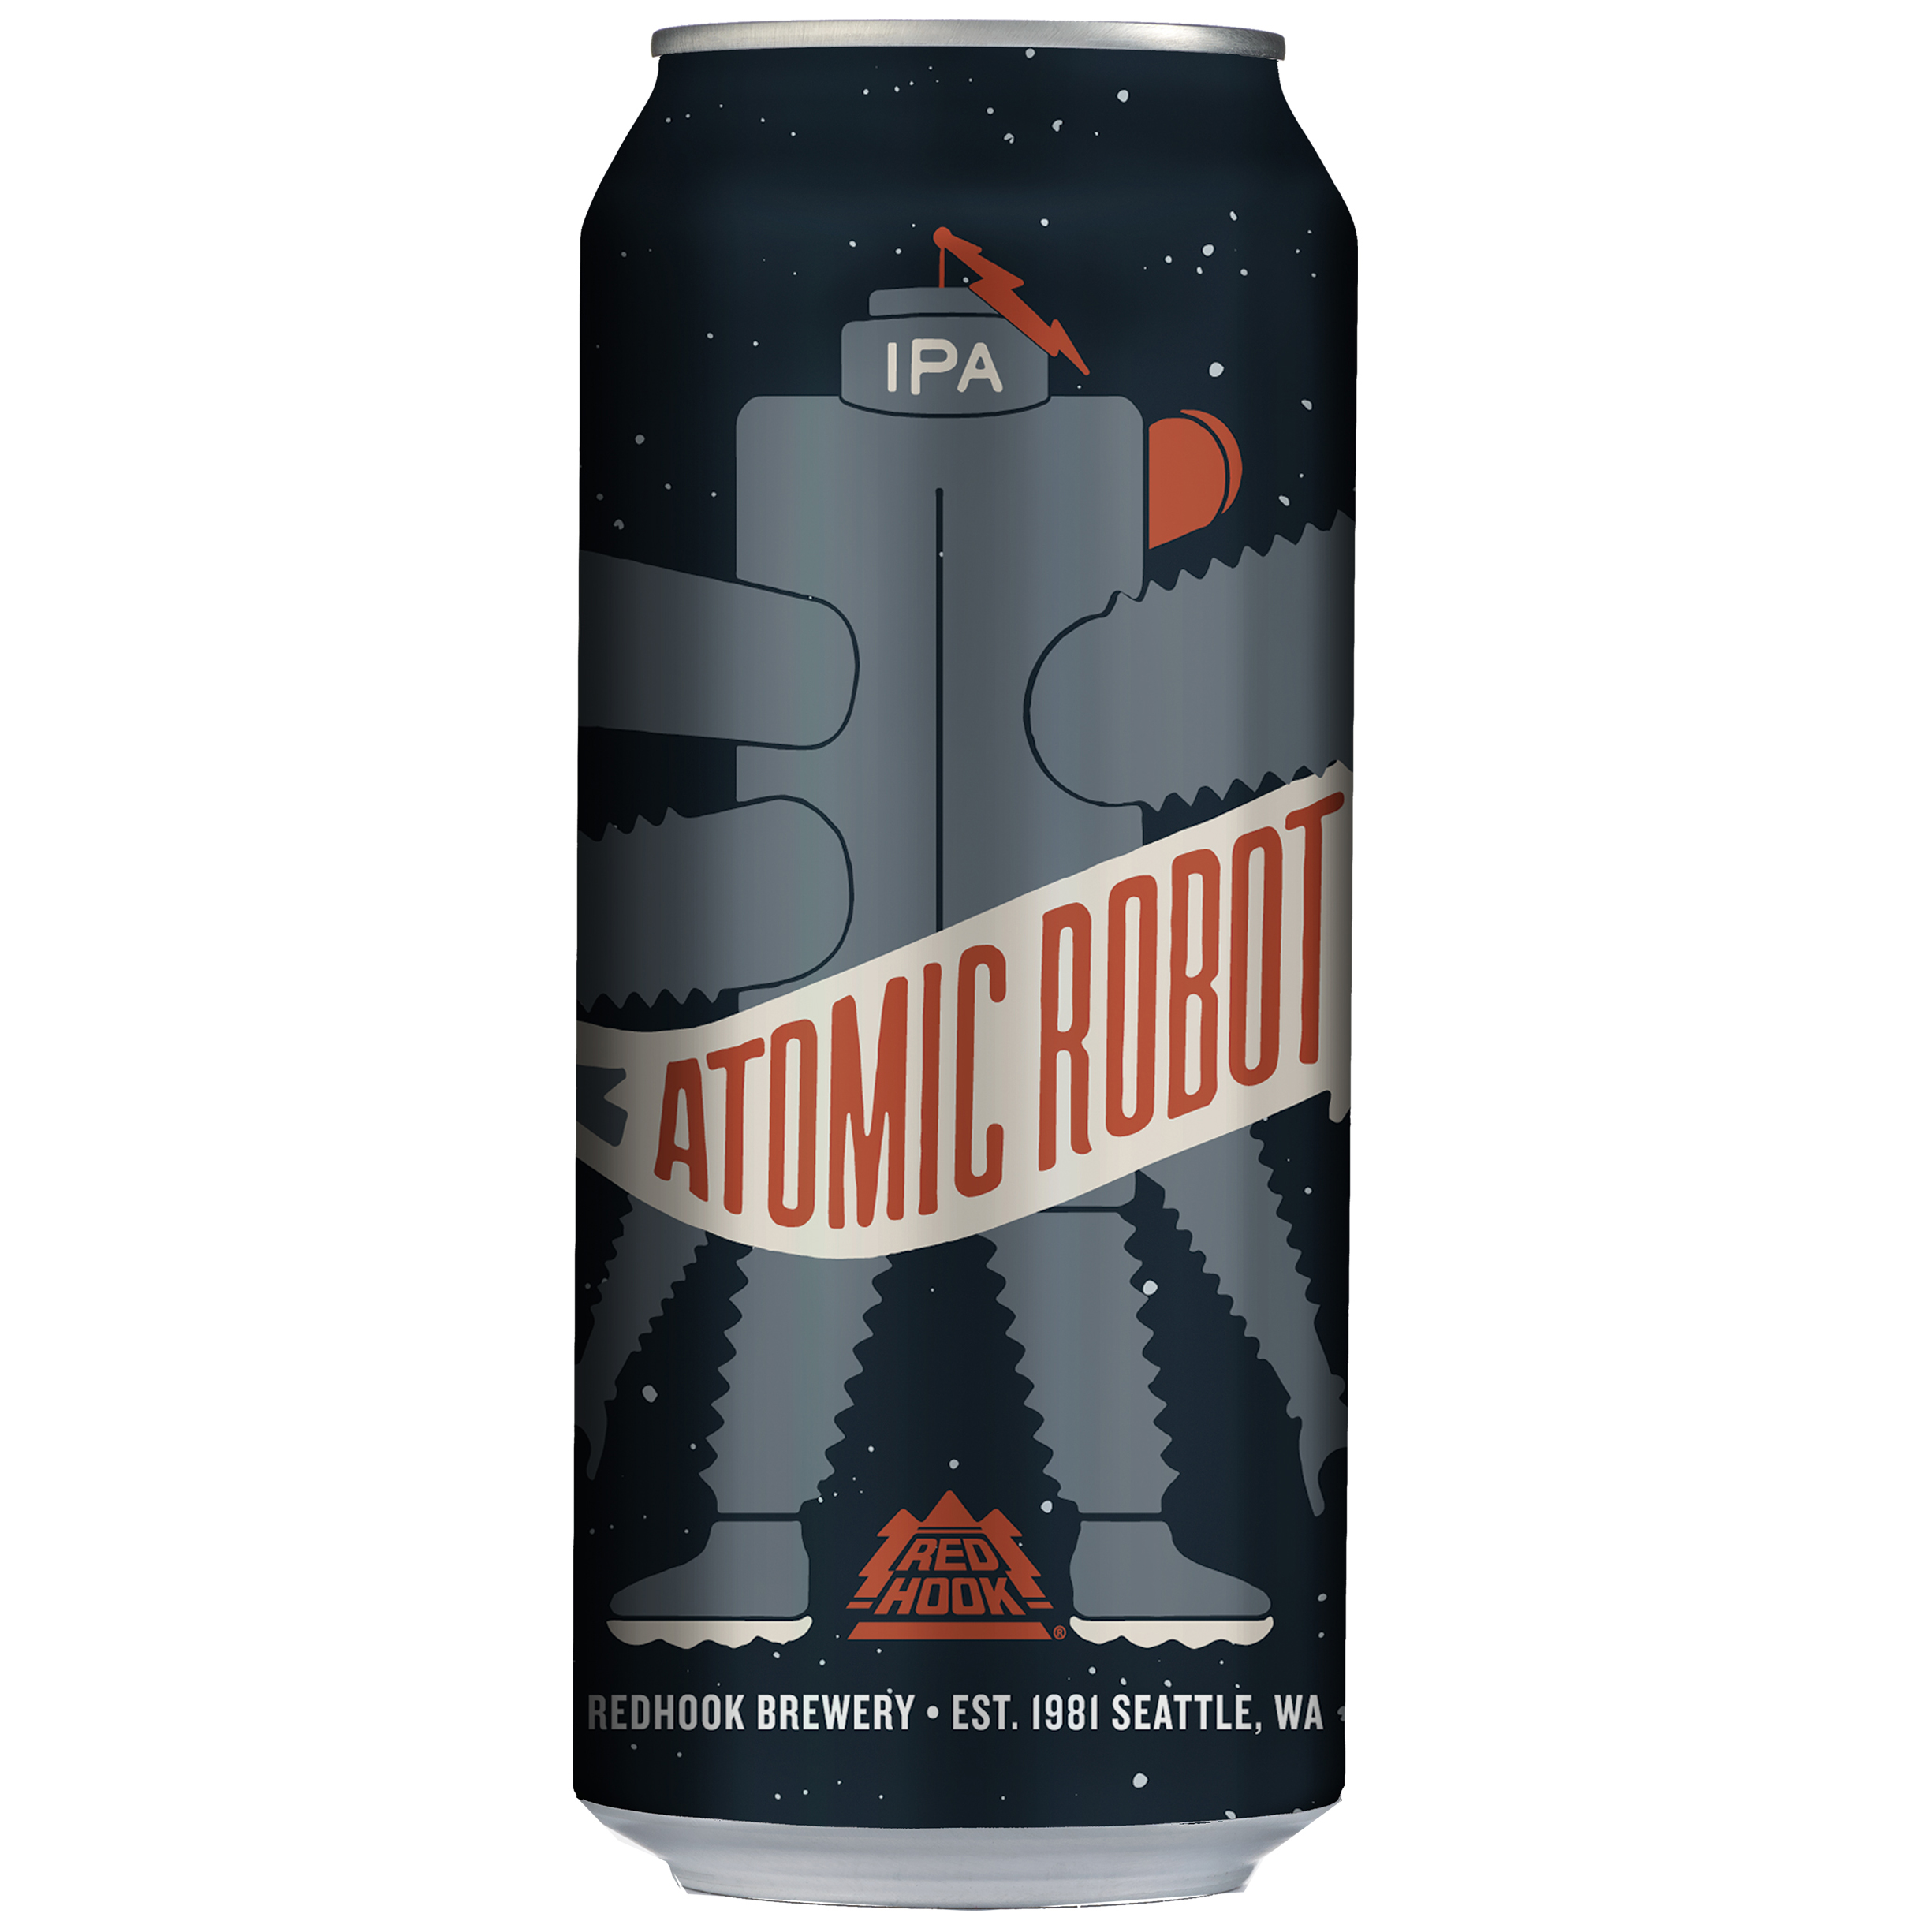 Red Hook, Atomic Robot